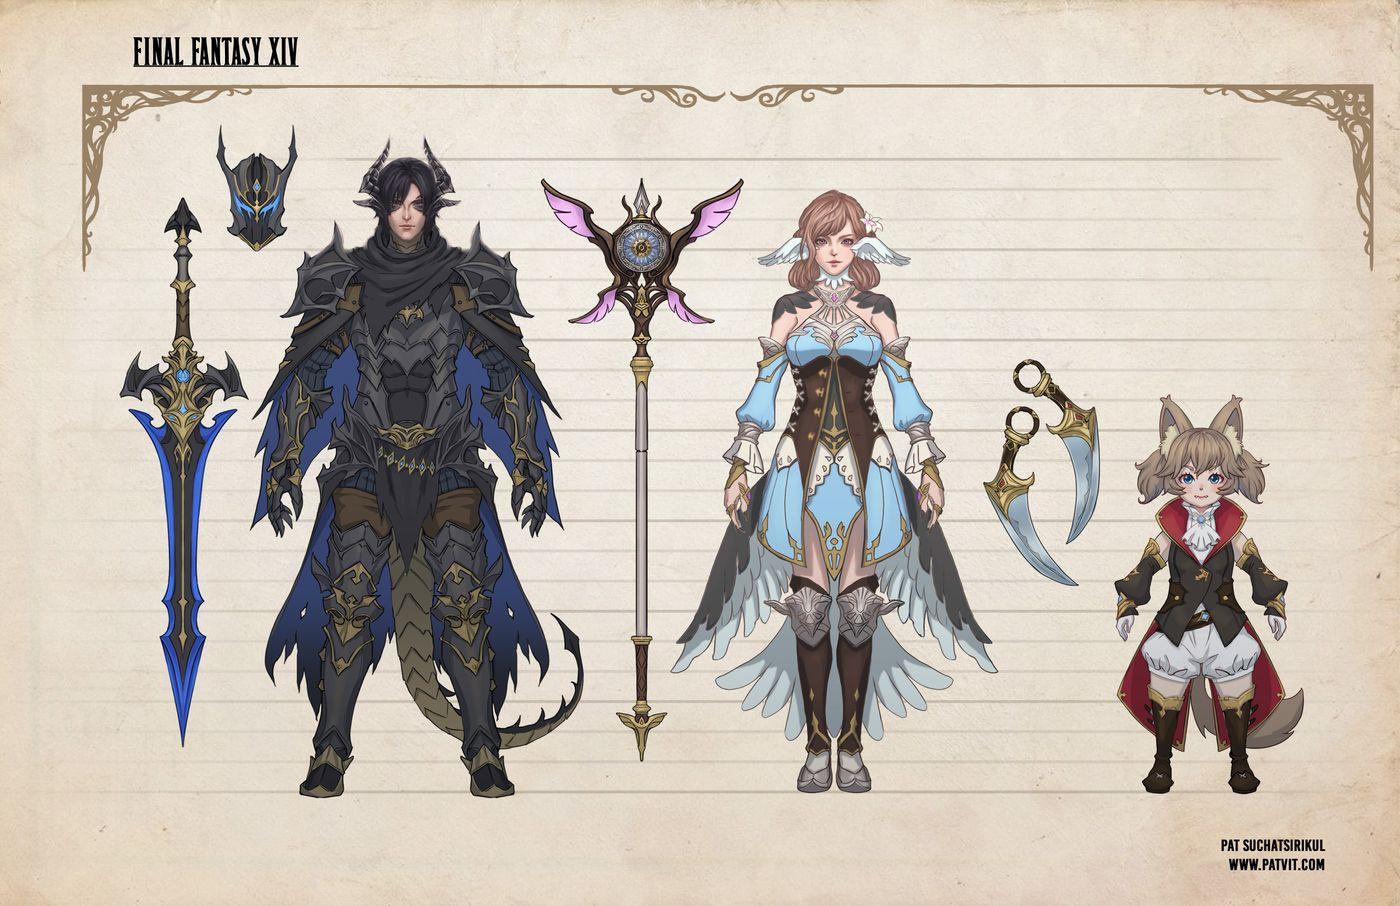 Suchatsirikul Pat Final Page7 Final Fantasy Xiv Hero Line Up Patvit